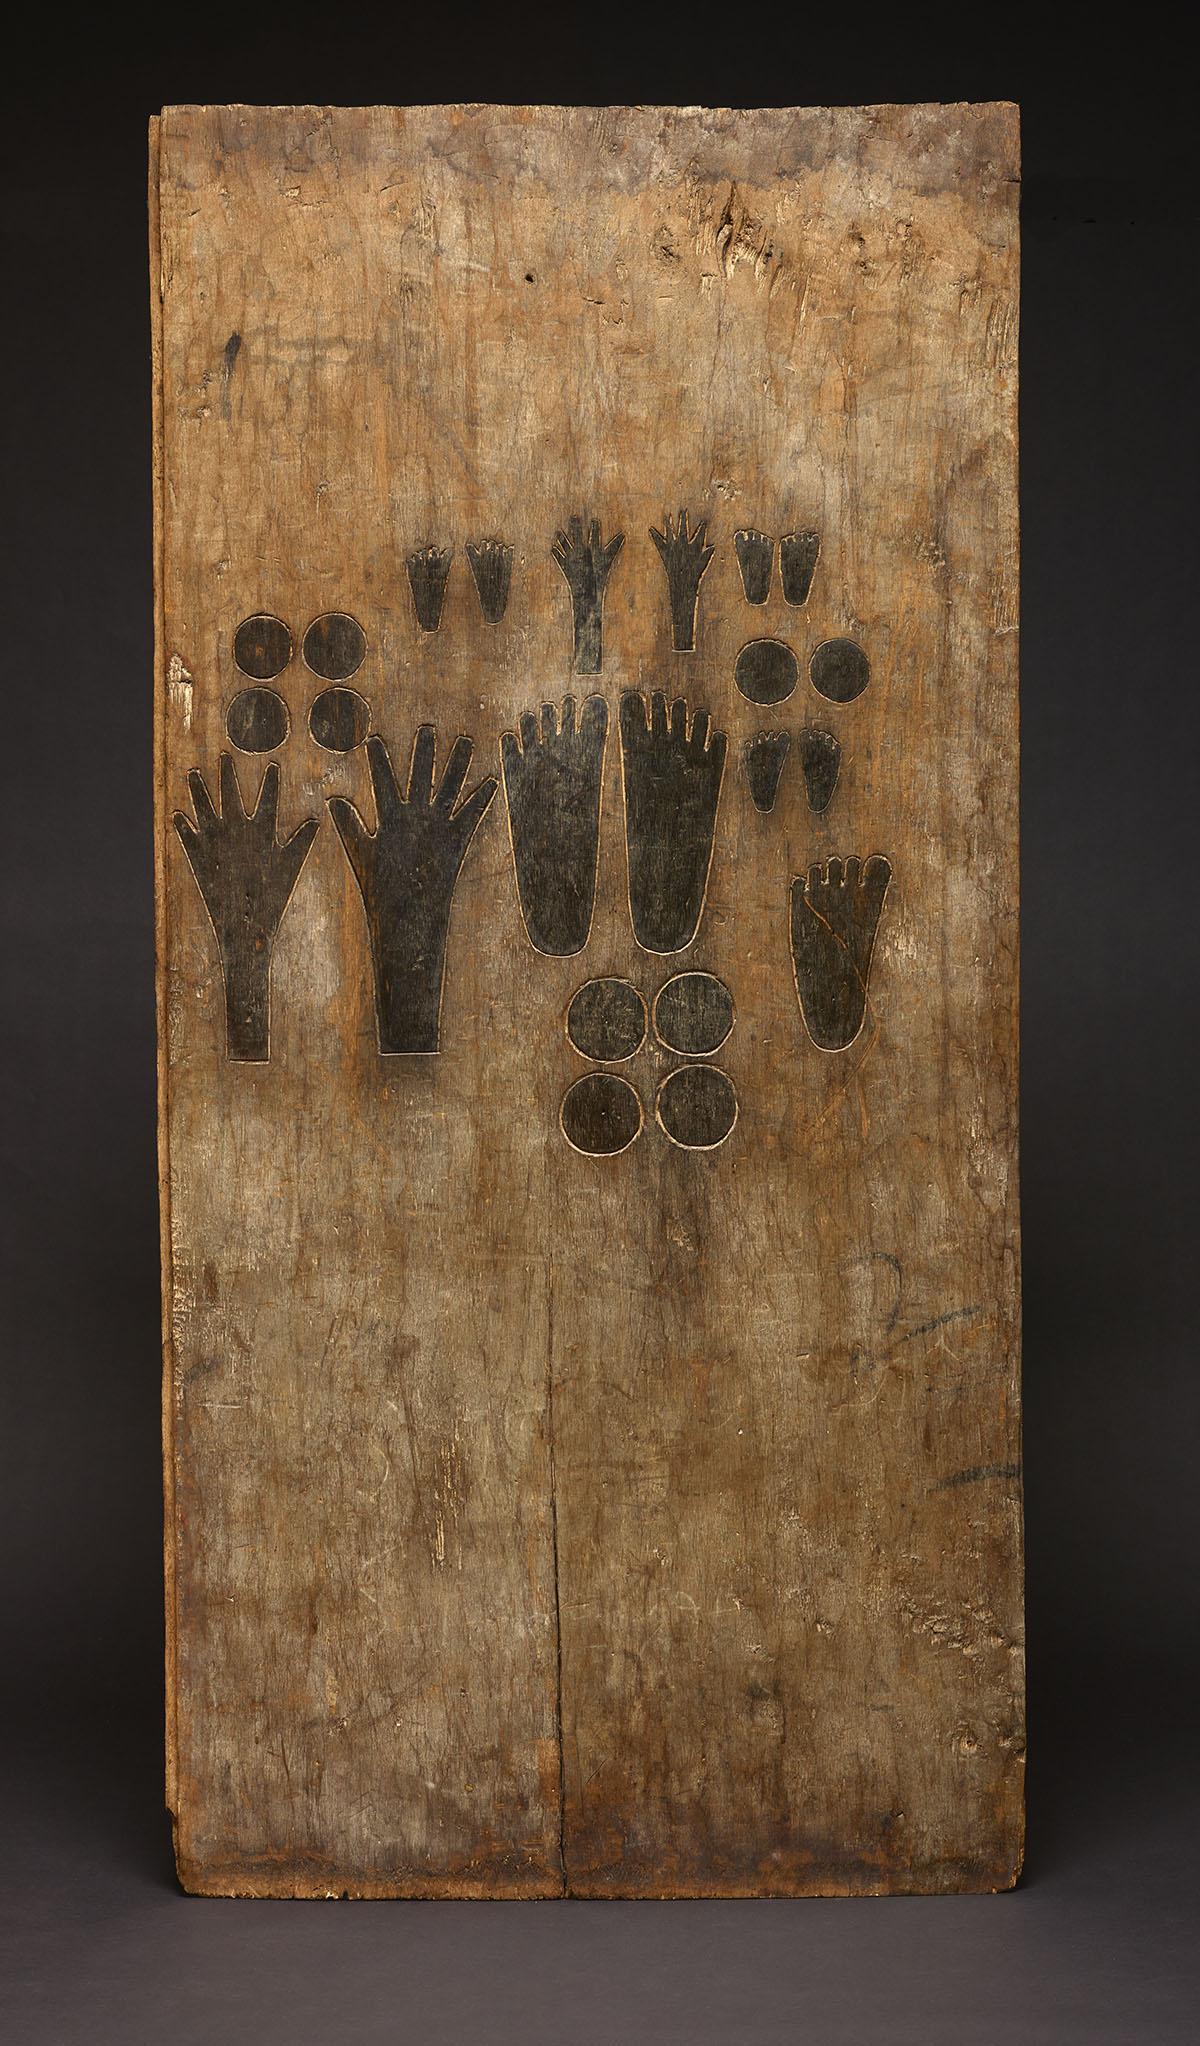 Memorial Board Representing Deceased Family Members | Kirekat © The Dallas Museum of Art | Texas, USA